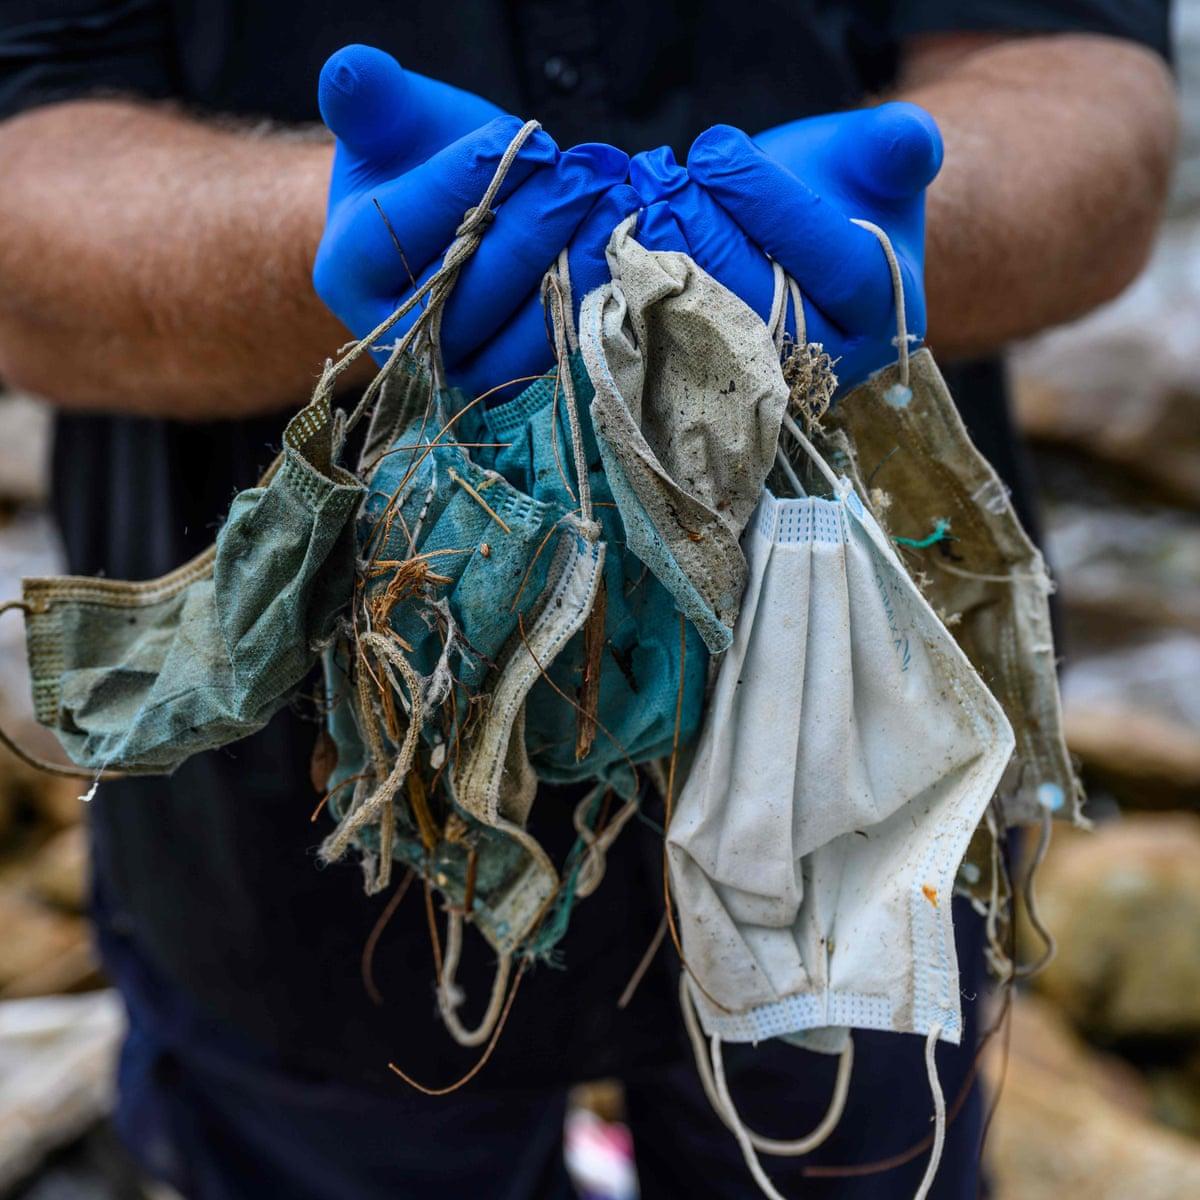 Guantes, mascarillas y desechos ocasionados por el COVID-19 son un nuevo problema de contaminación